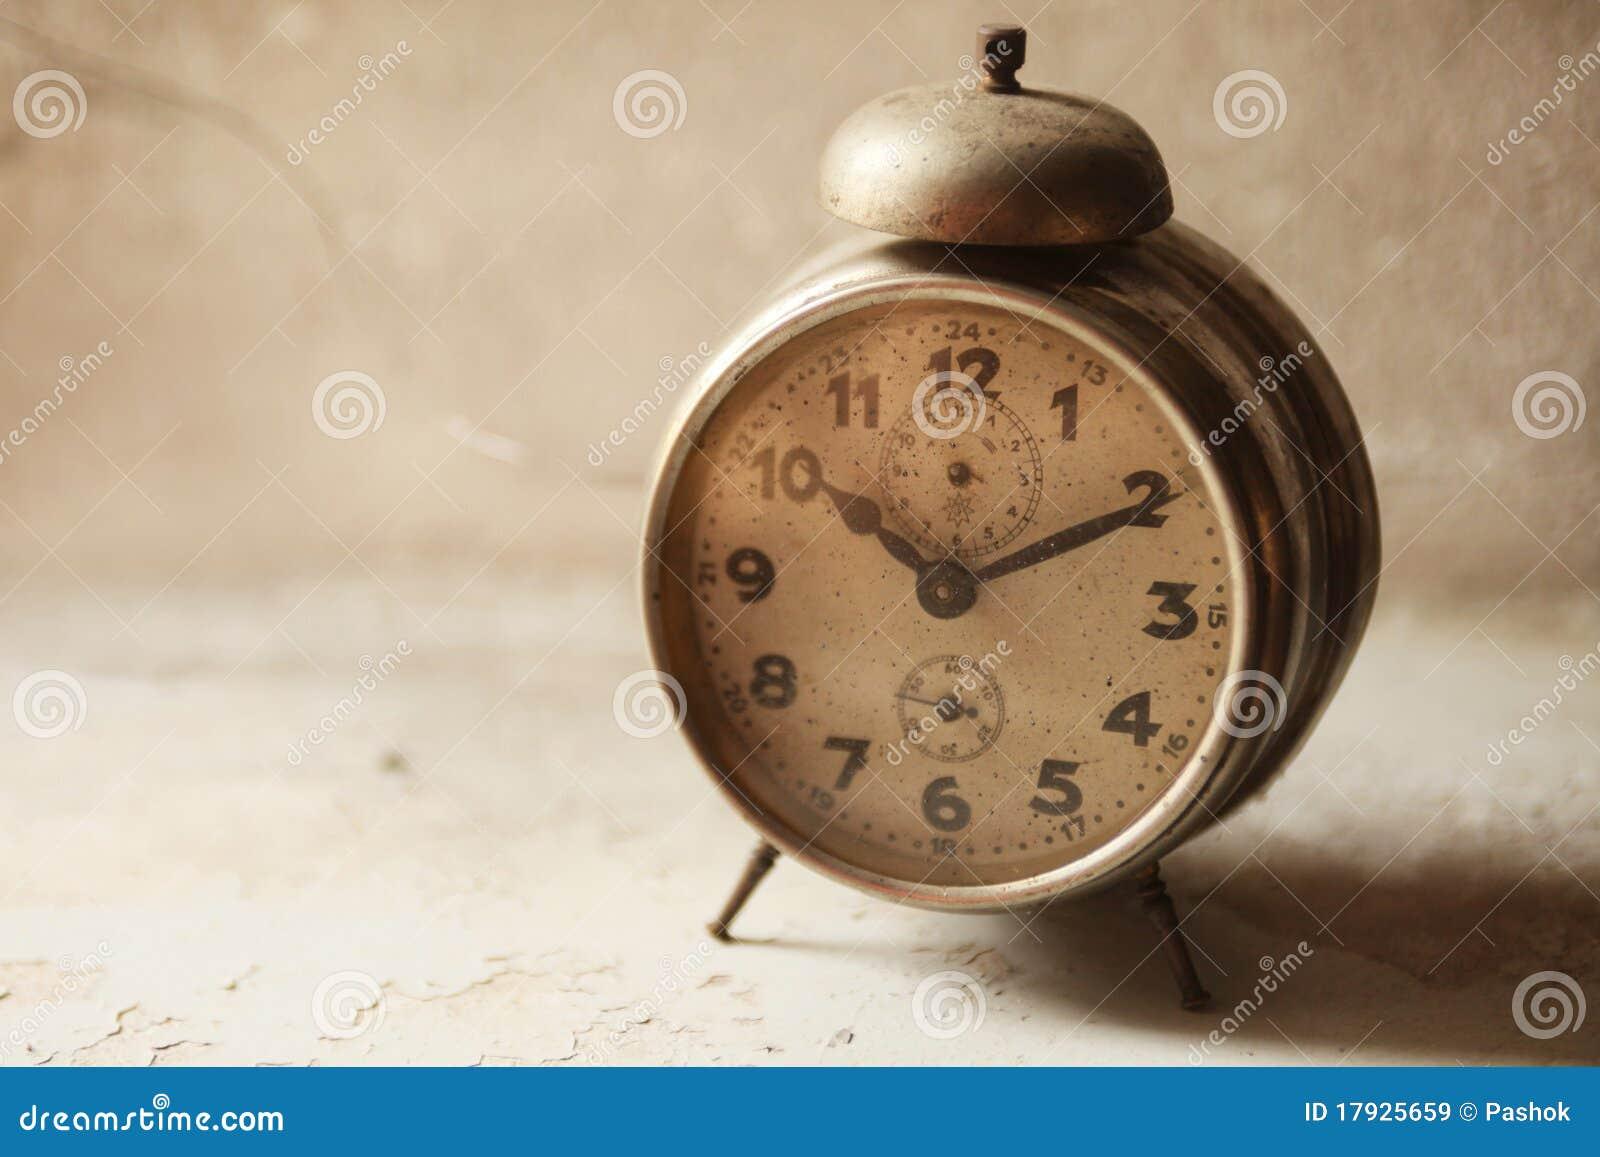 Wake-up clock